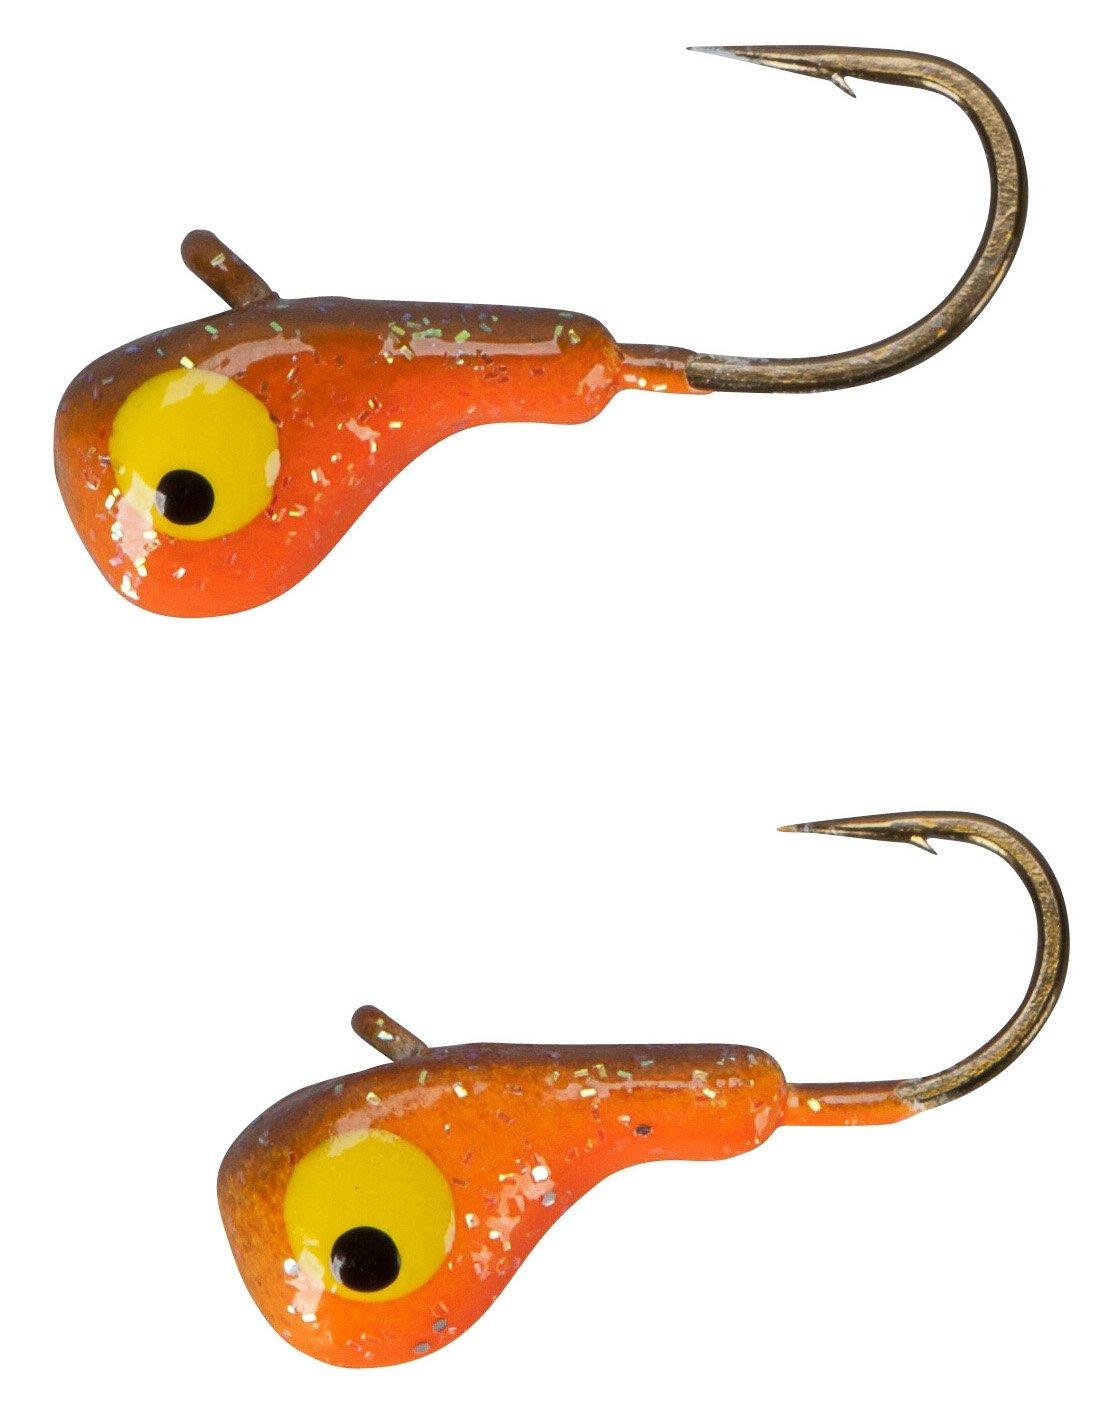 美品  Lindy Toad Panfishジグ Lindy B006IWGIF0 Panfishジグ 12|ブラウン/オレンジ ブラウン Toad/オレンジ 12, カフェ プリムラ:beff059d --- a0267596.xsph.ru